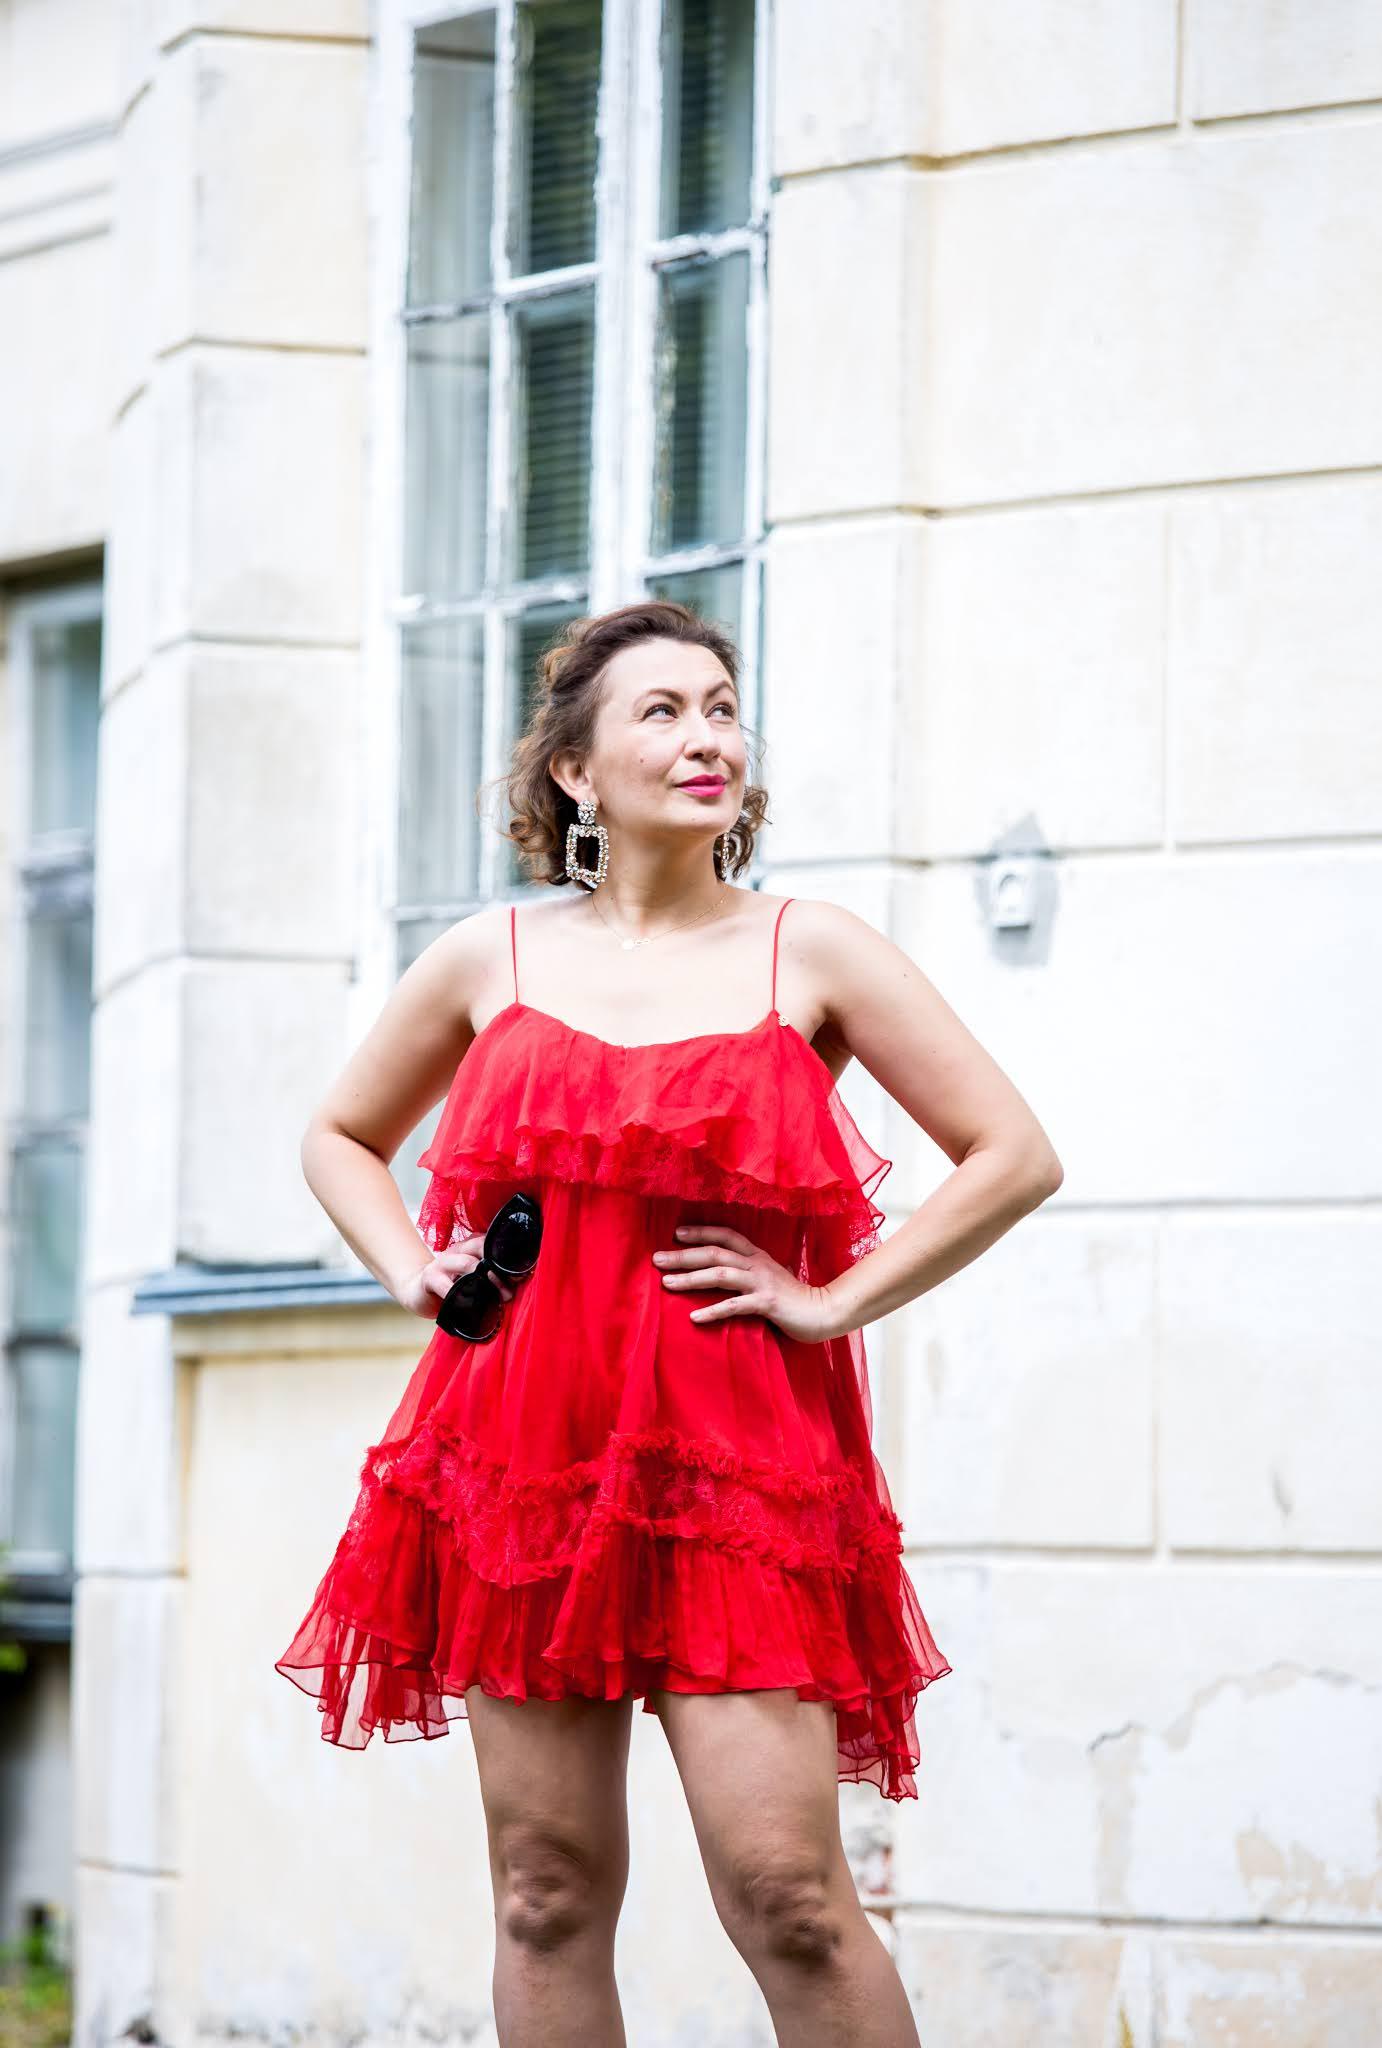 Nissa red dress;Nissa little red dress;Suede Nude Heels;Zara Earrings;www.adriana-style.com;moda;fashion;@adrianastyle_stylist;blogerka modowa wrocław;blogerka 40+;40+;czerwona mini sukienka;red silk dress;jedwabna sukienka